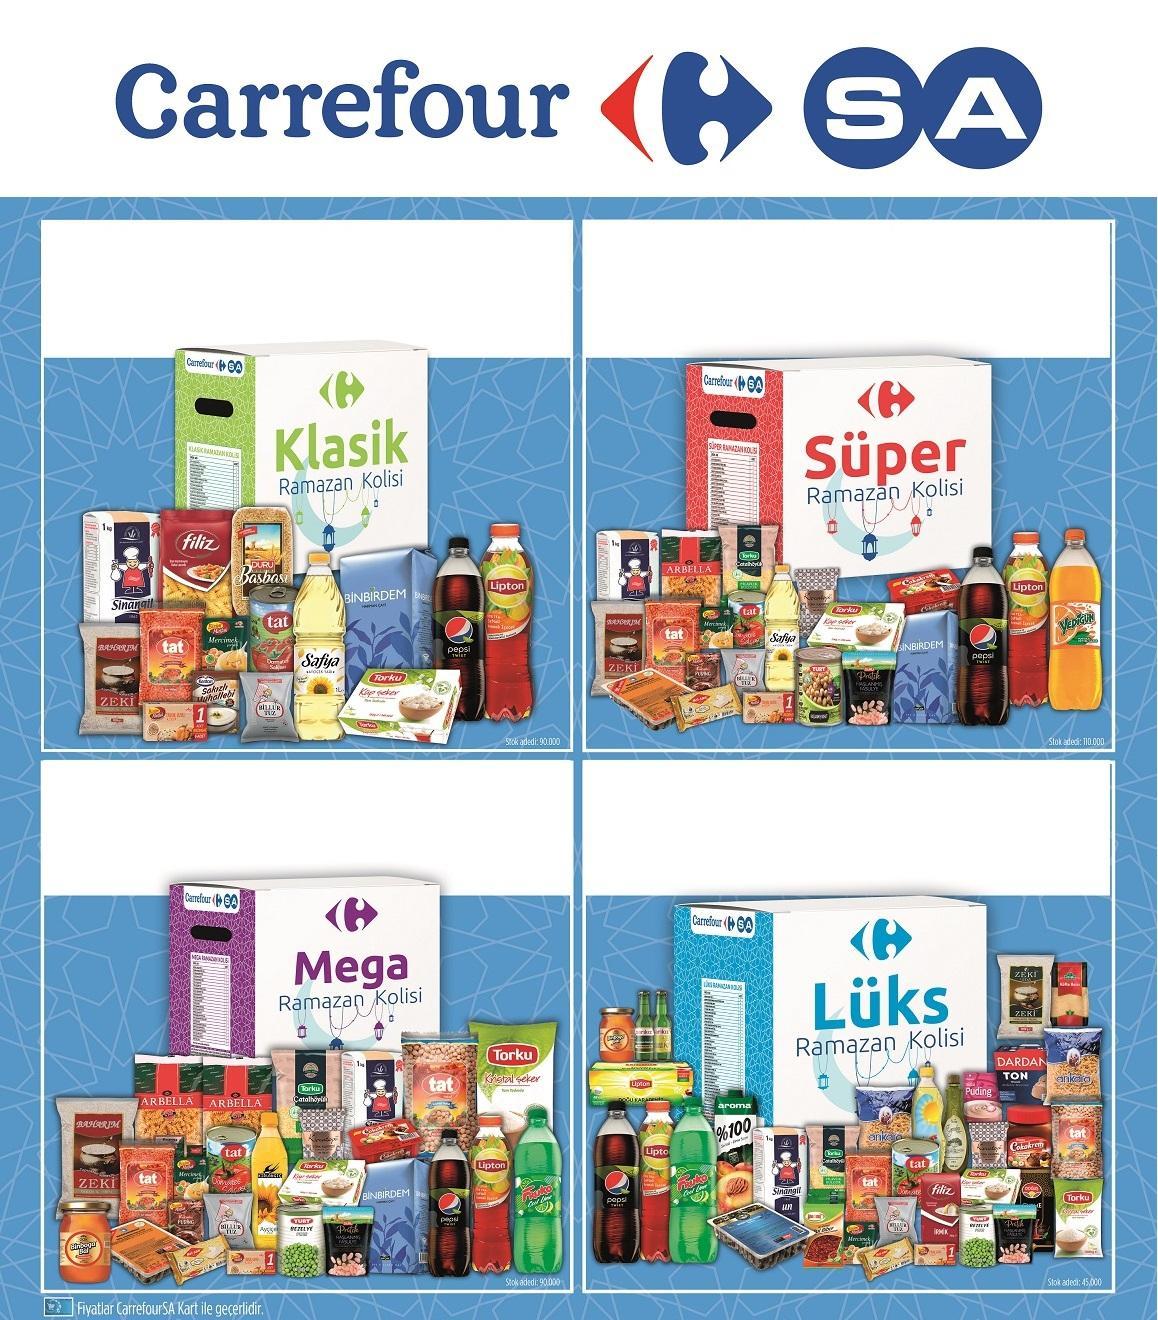 CarrefourSA, Ramazan Kolilerinin satışına başladı